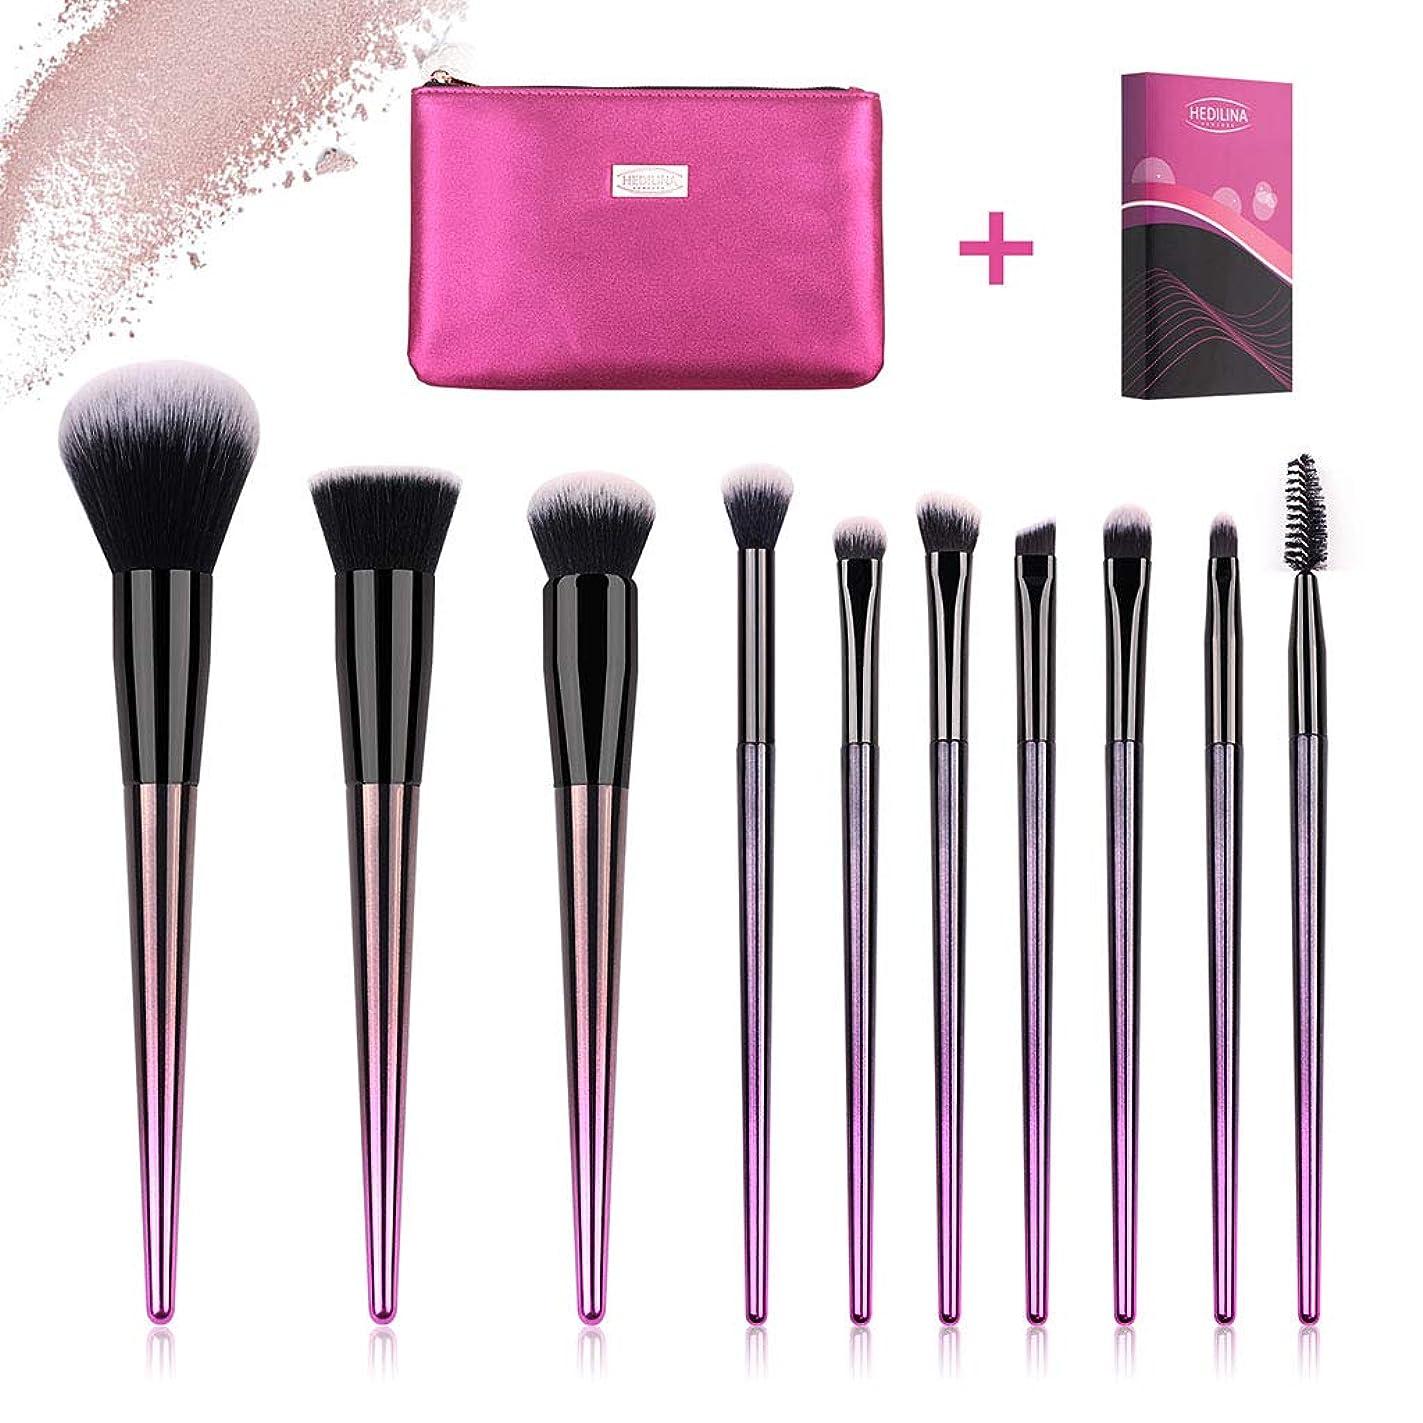 アームストロングラップトップ神経10化粧ブラシファンデーションブラシアイシャドウブラシ化粧ツールセット